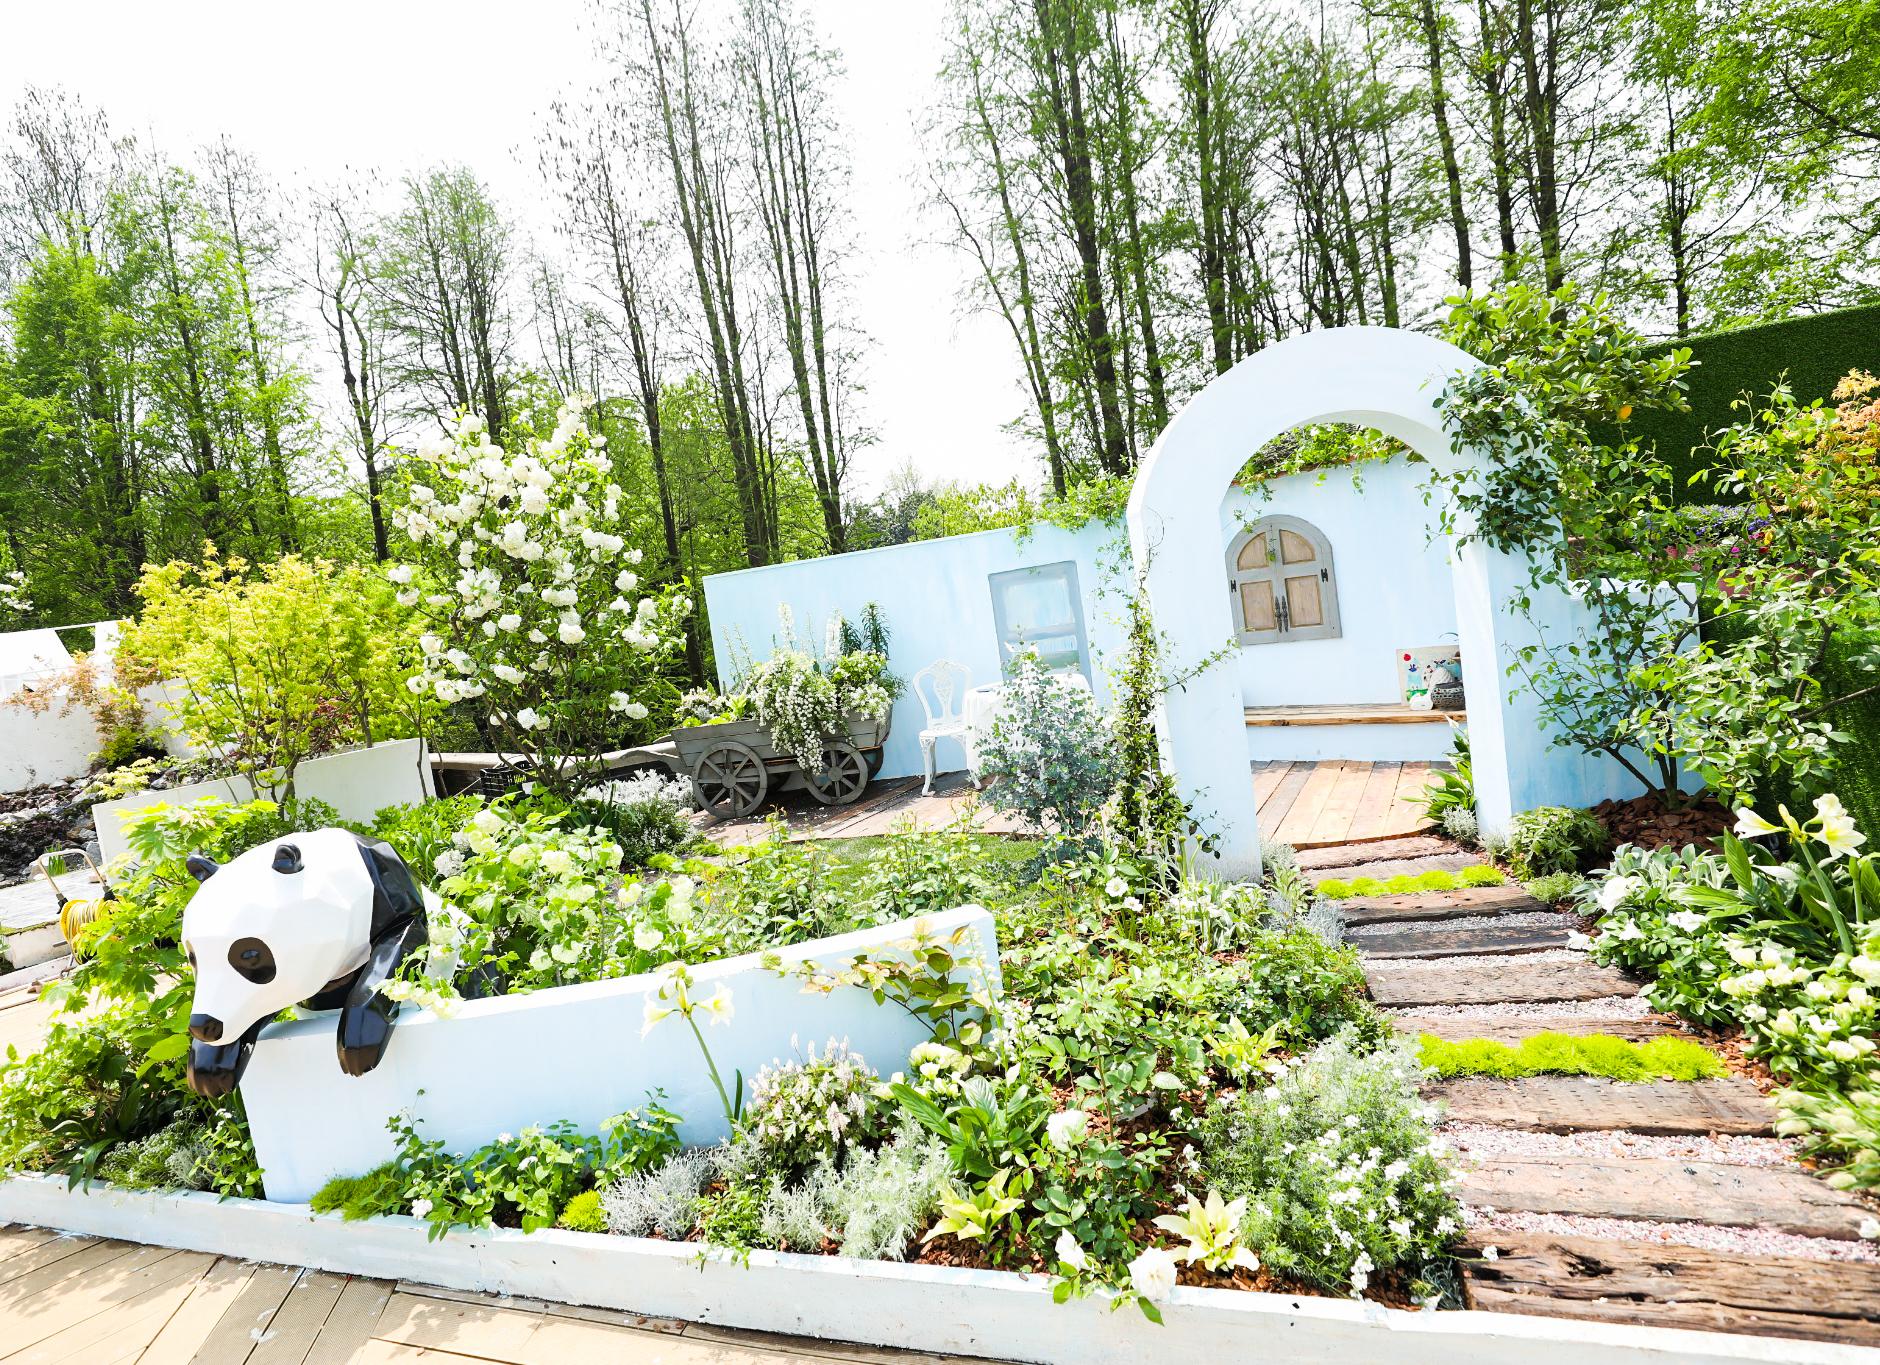 海蒂的花园里的白色木绣球